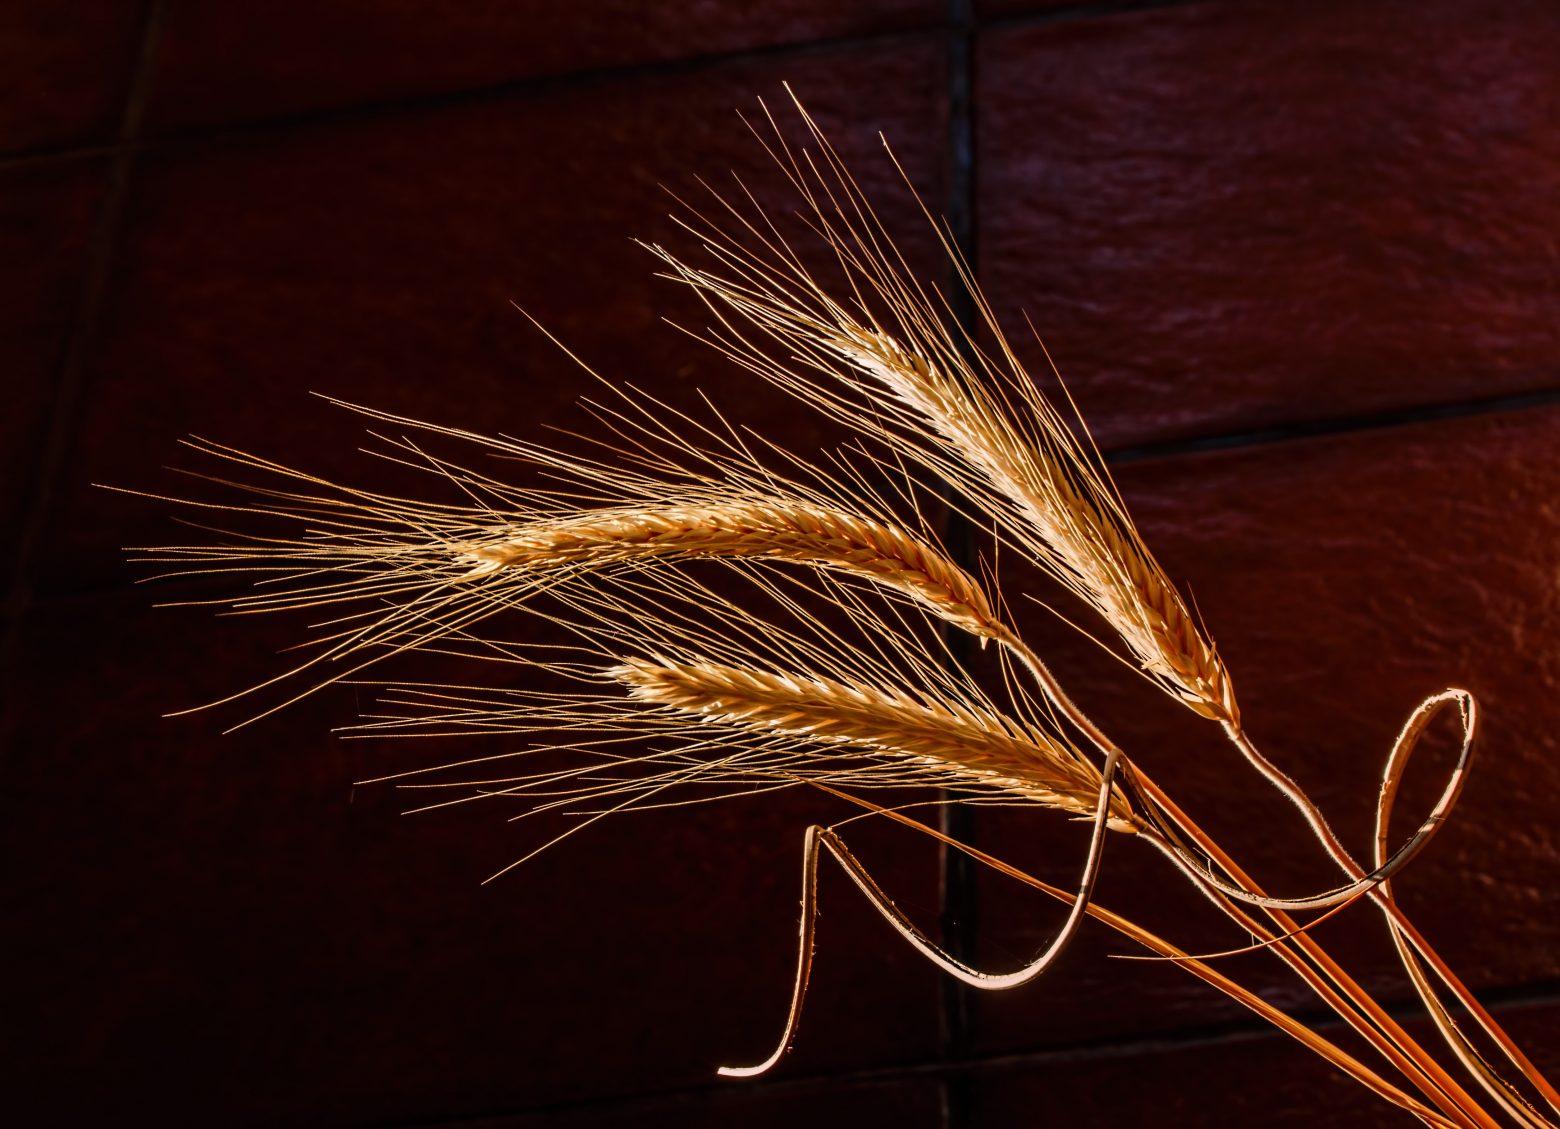 barley-676551